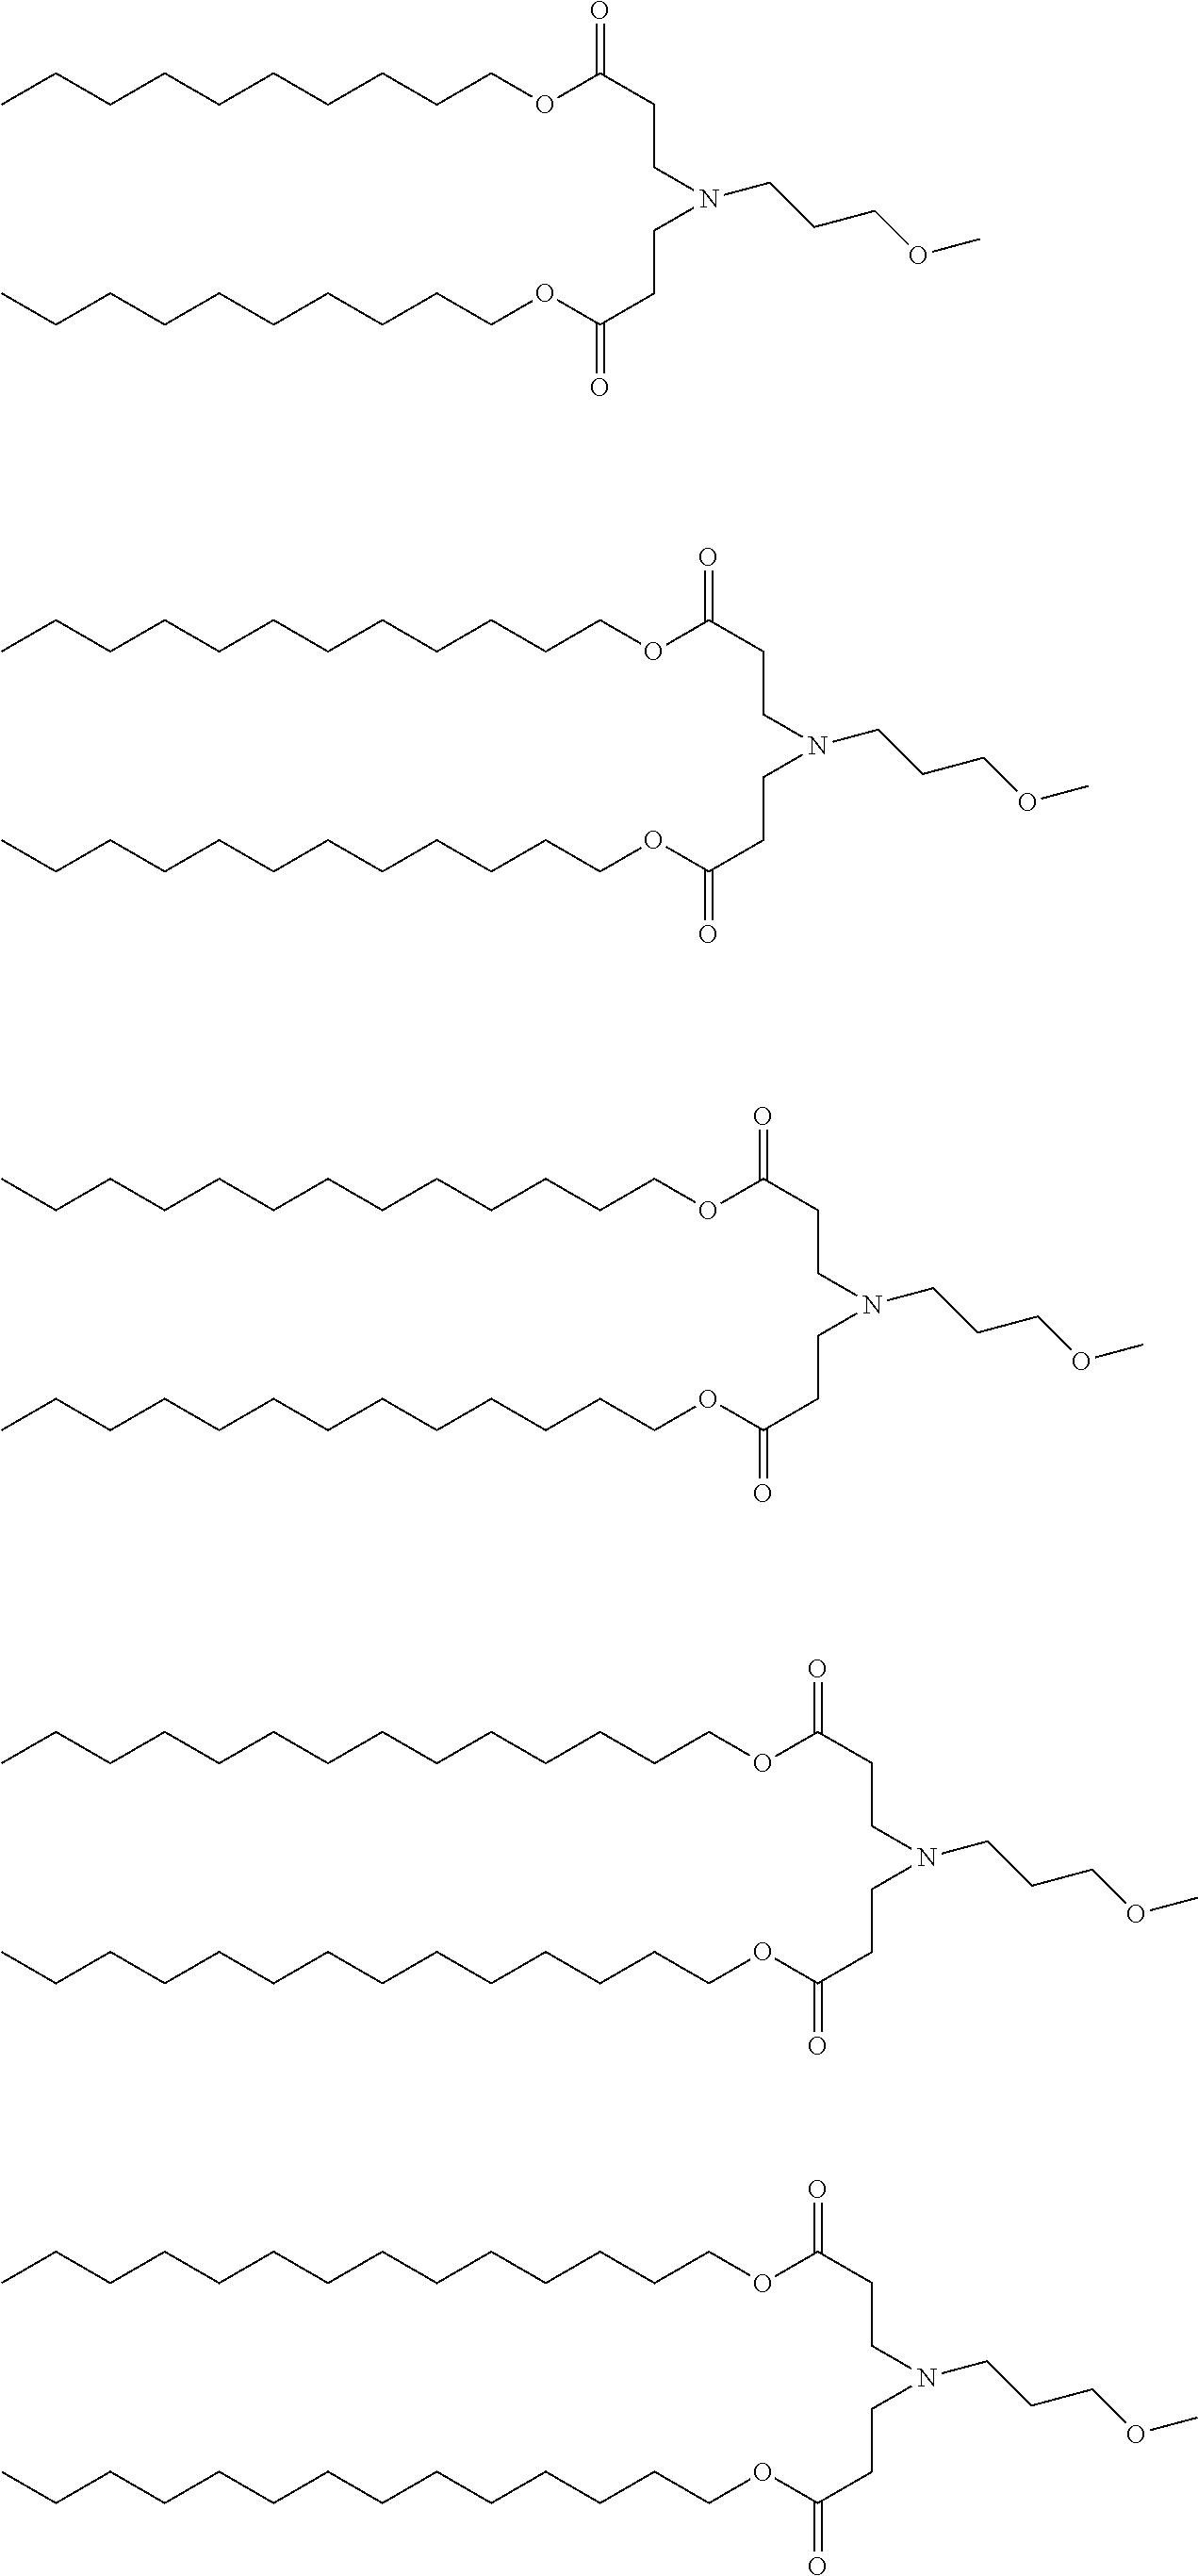 Figure US09695475-20170704-C00004